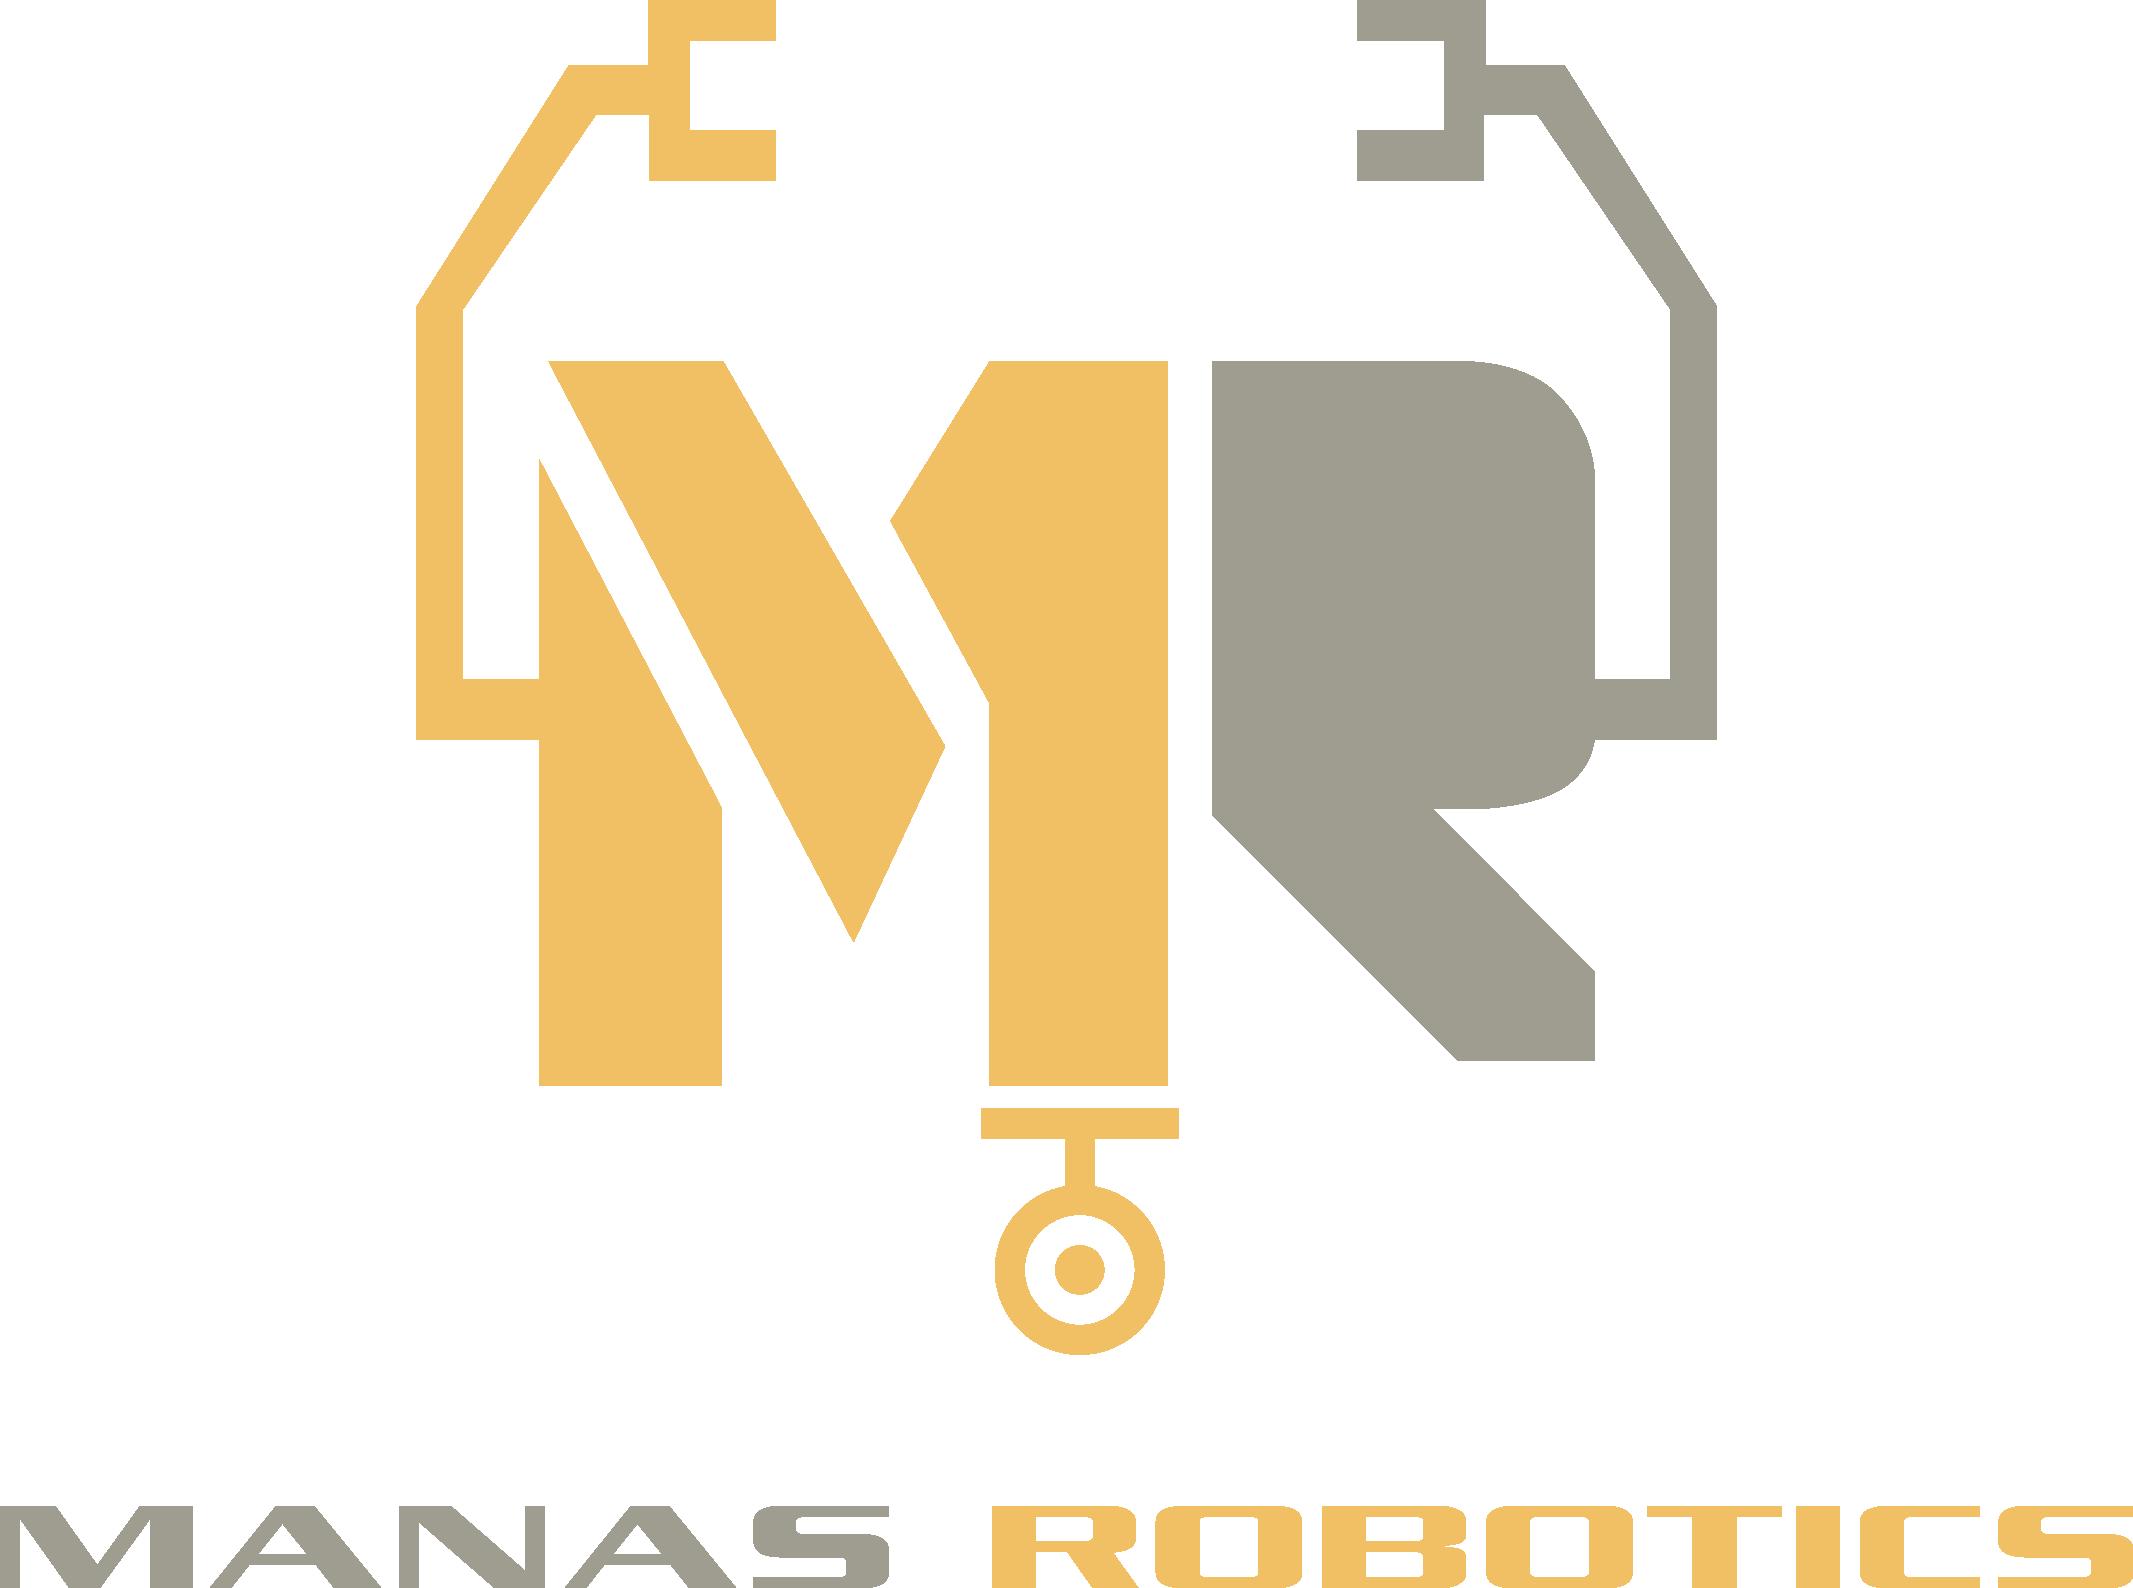 Manas Robotics